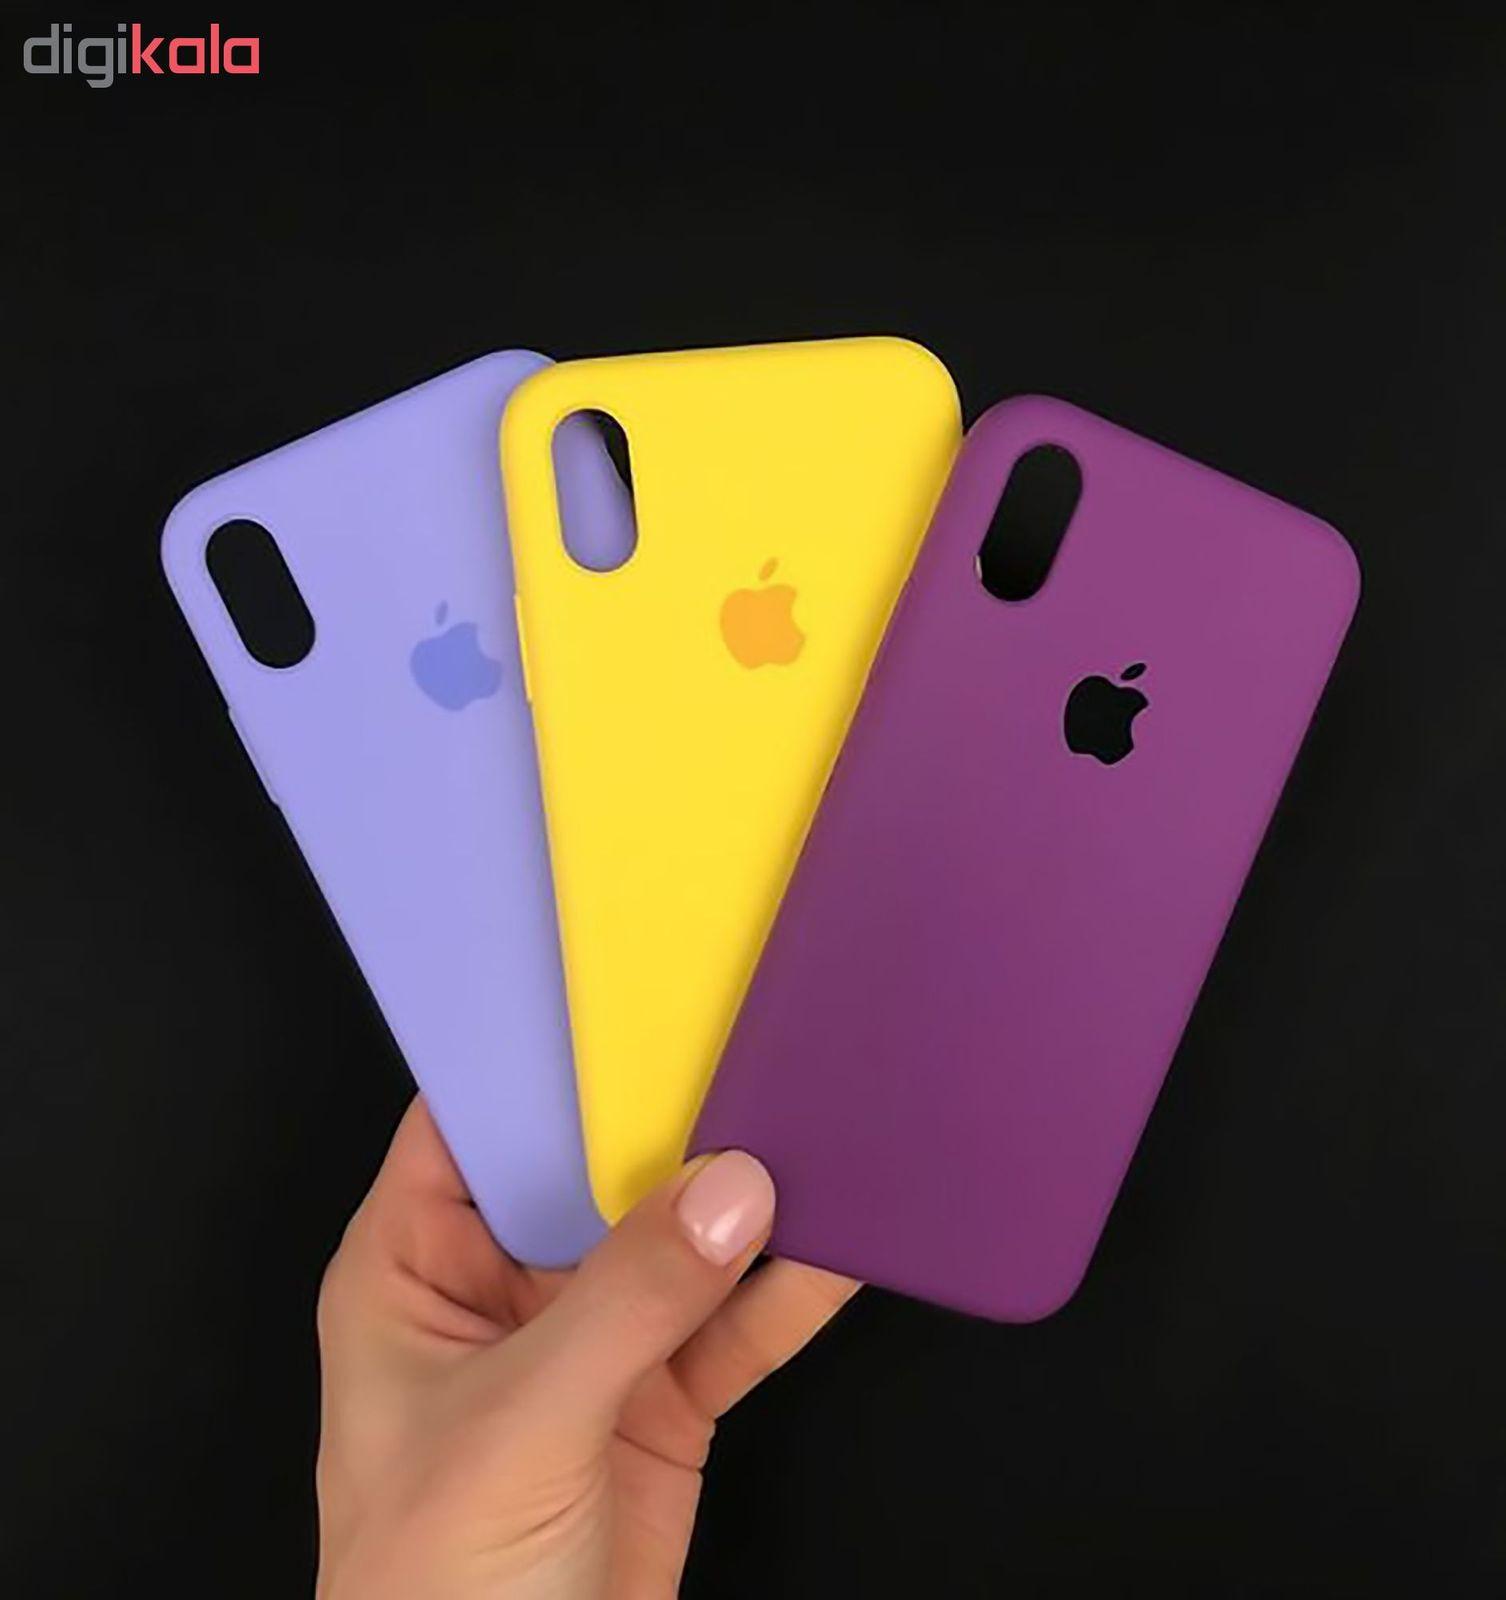 کاور  مدل Silc مناسب برای گوشی موبایل اپل Iphone Xs max main 1 22